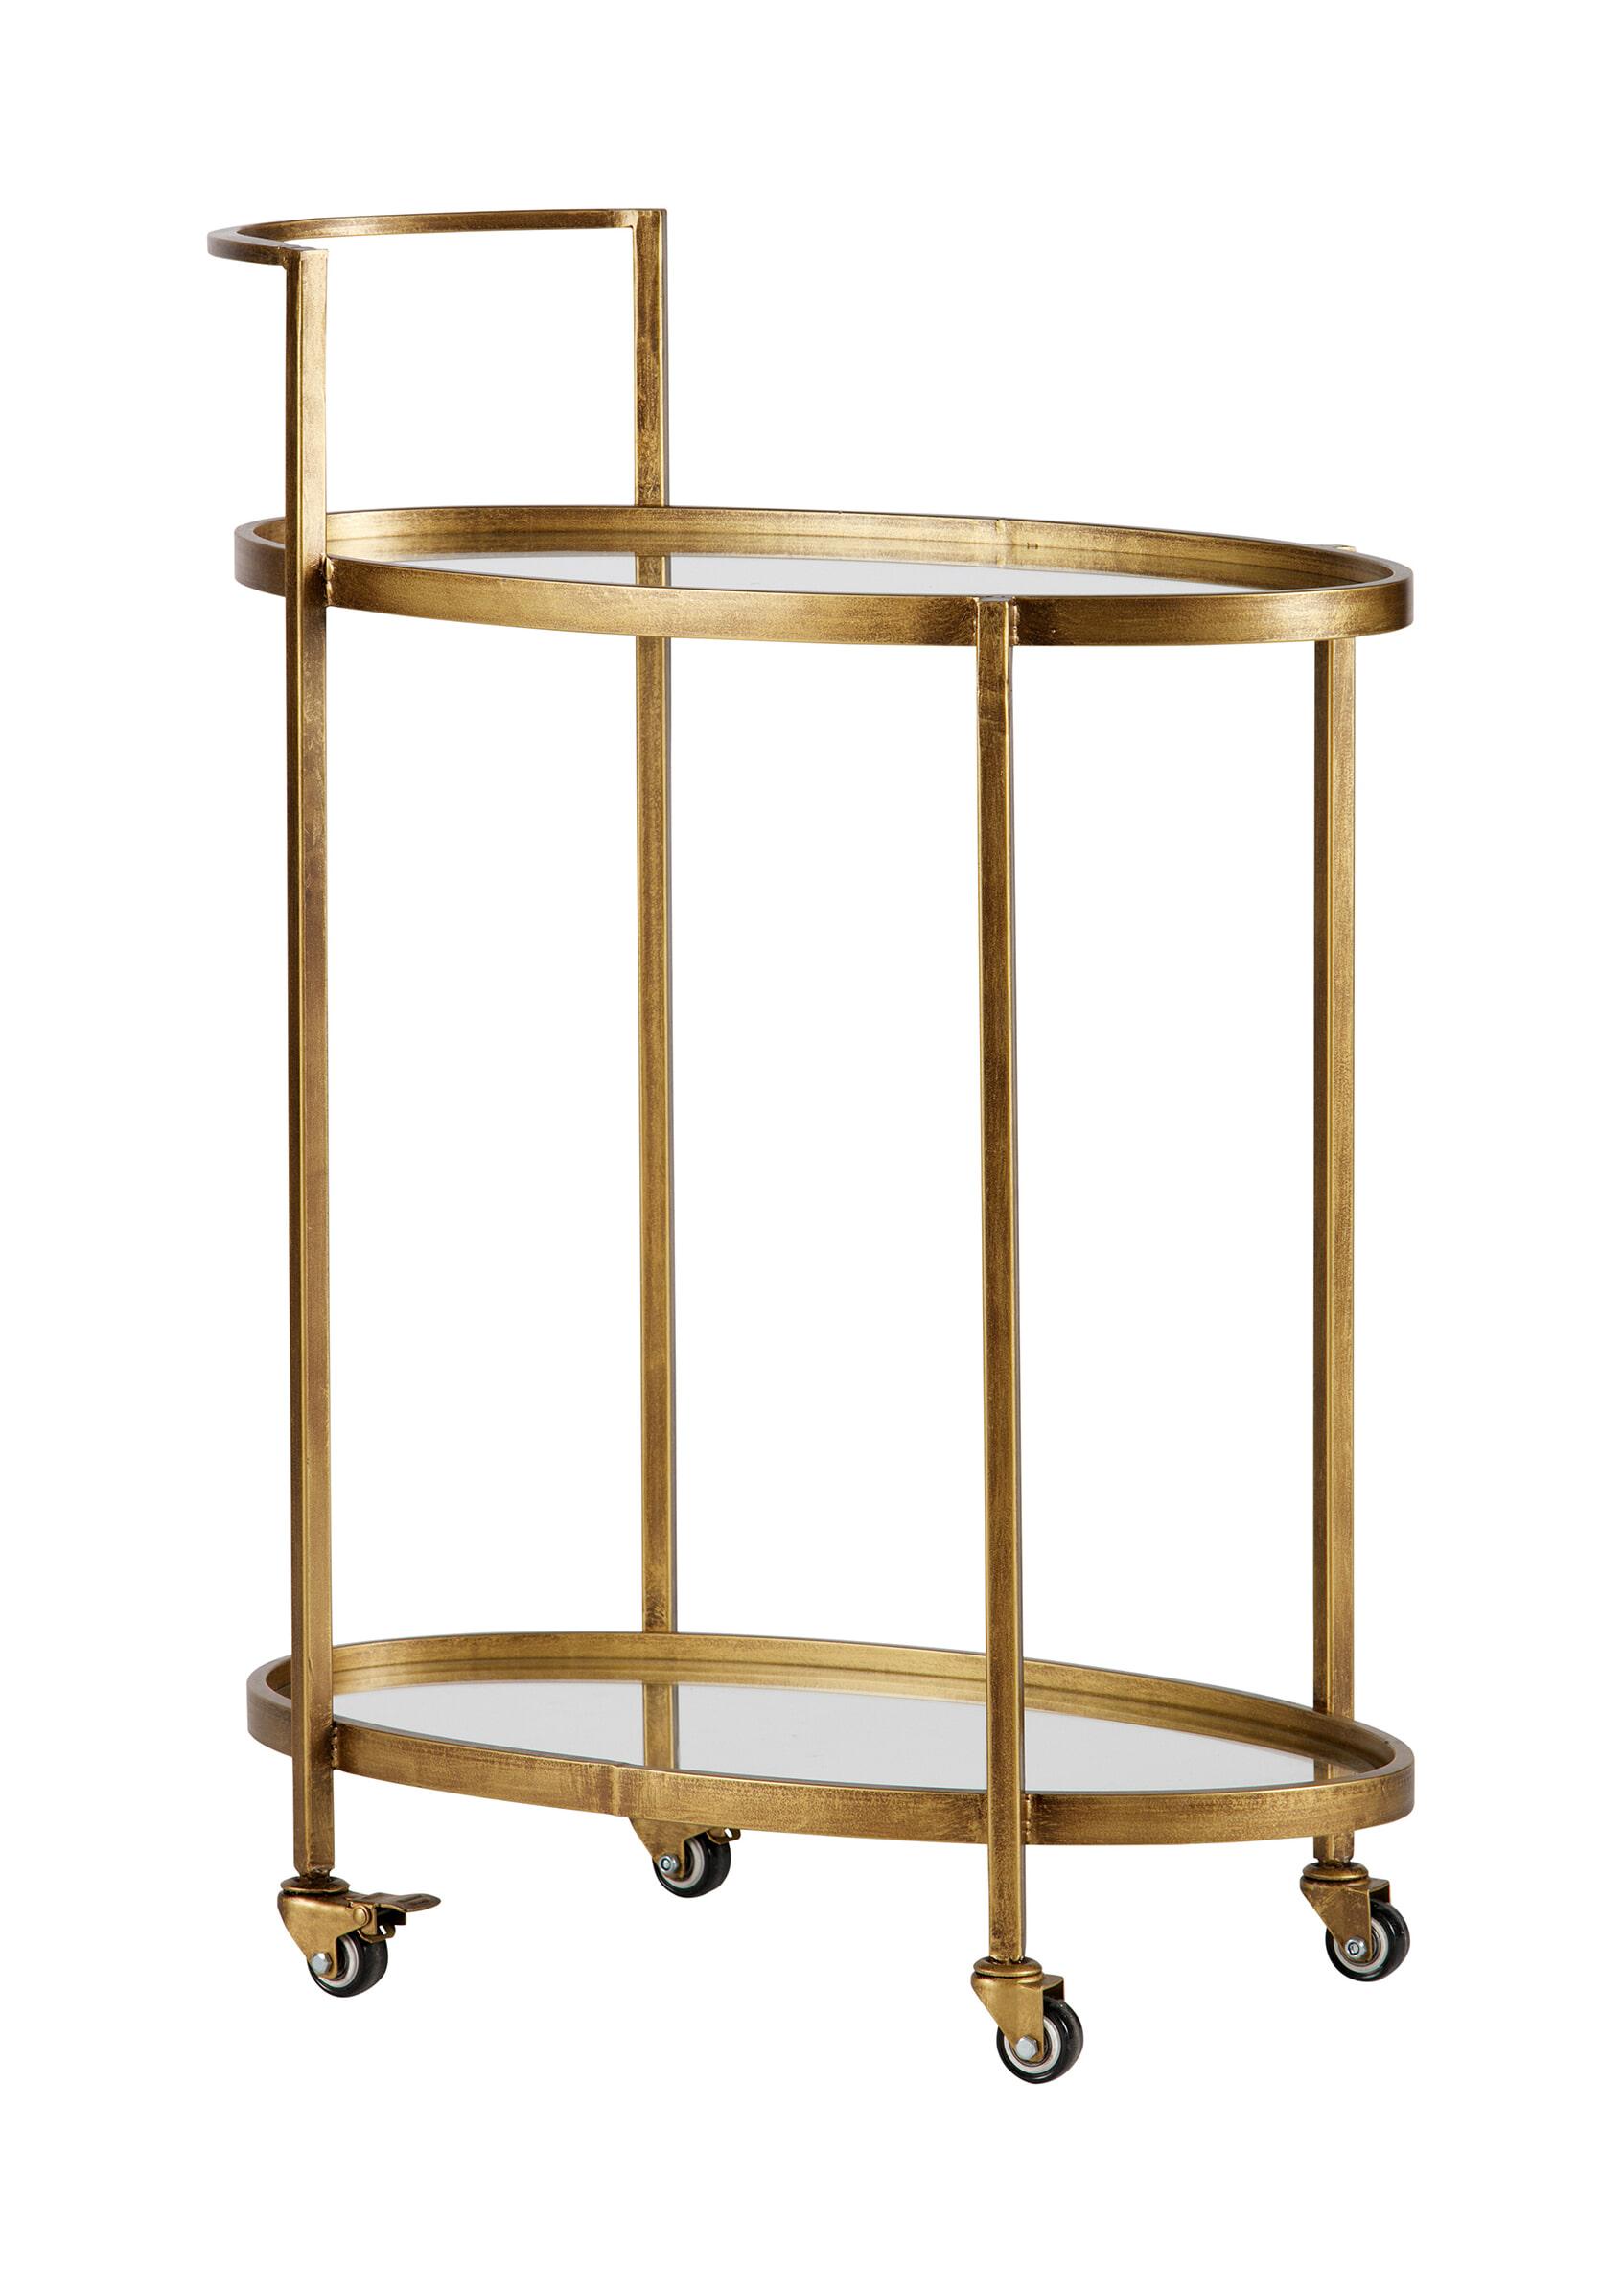 BePureHome Trolley 'Push' kleur Antique Brass Metaal met brass kleurige afwerking en bladen van glas aanschaffen? Kijk hier!